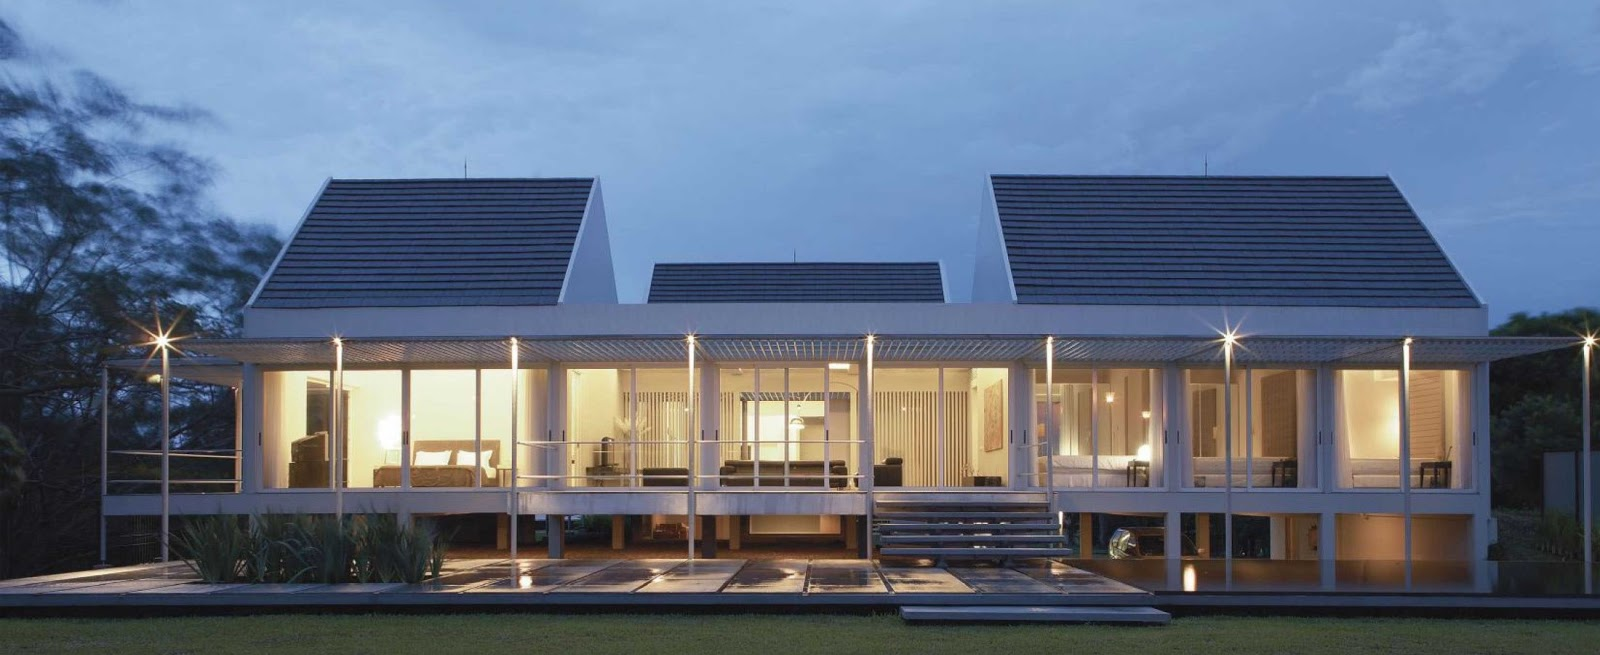 Biaya / Tarif Jasa Renovasi Rumah di Karawang Terpercaya